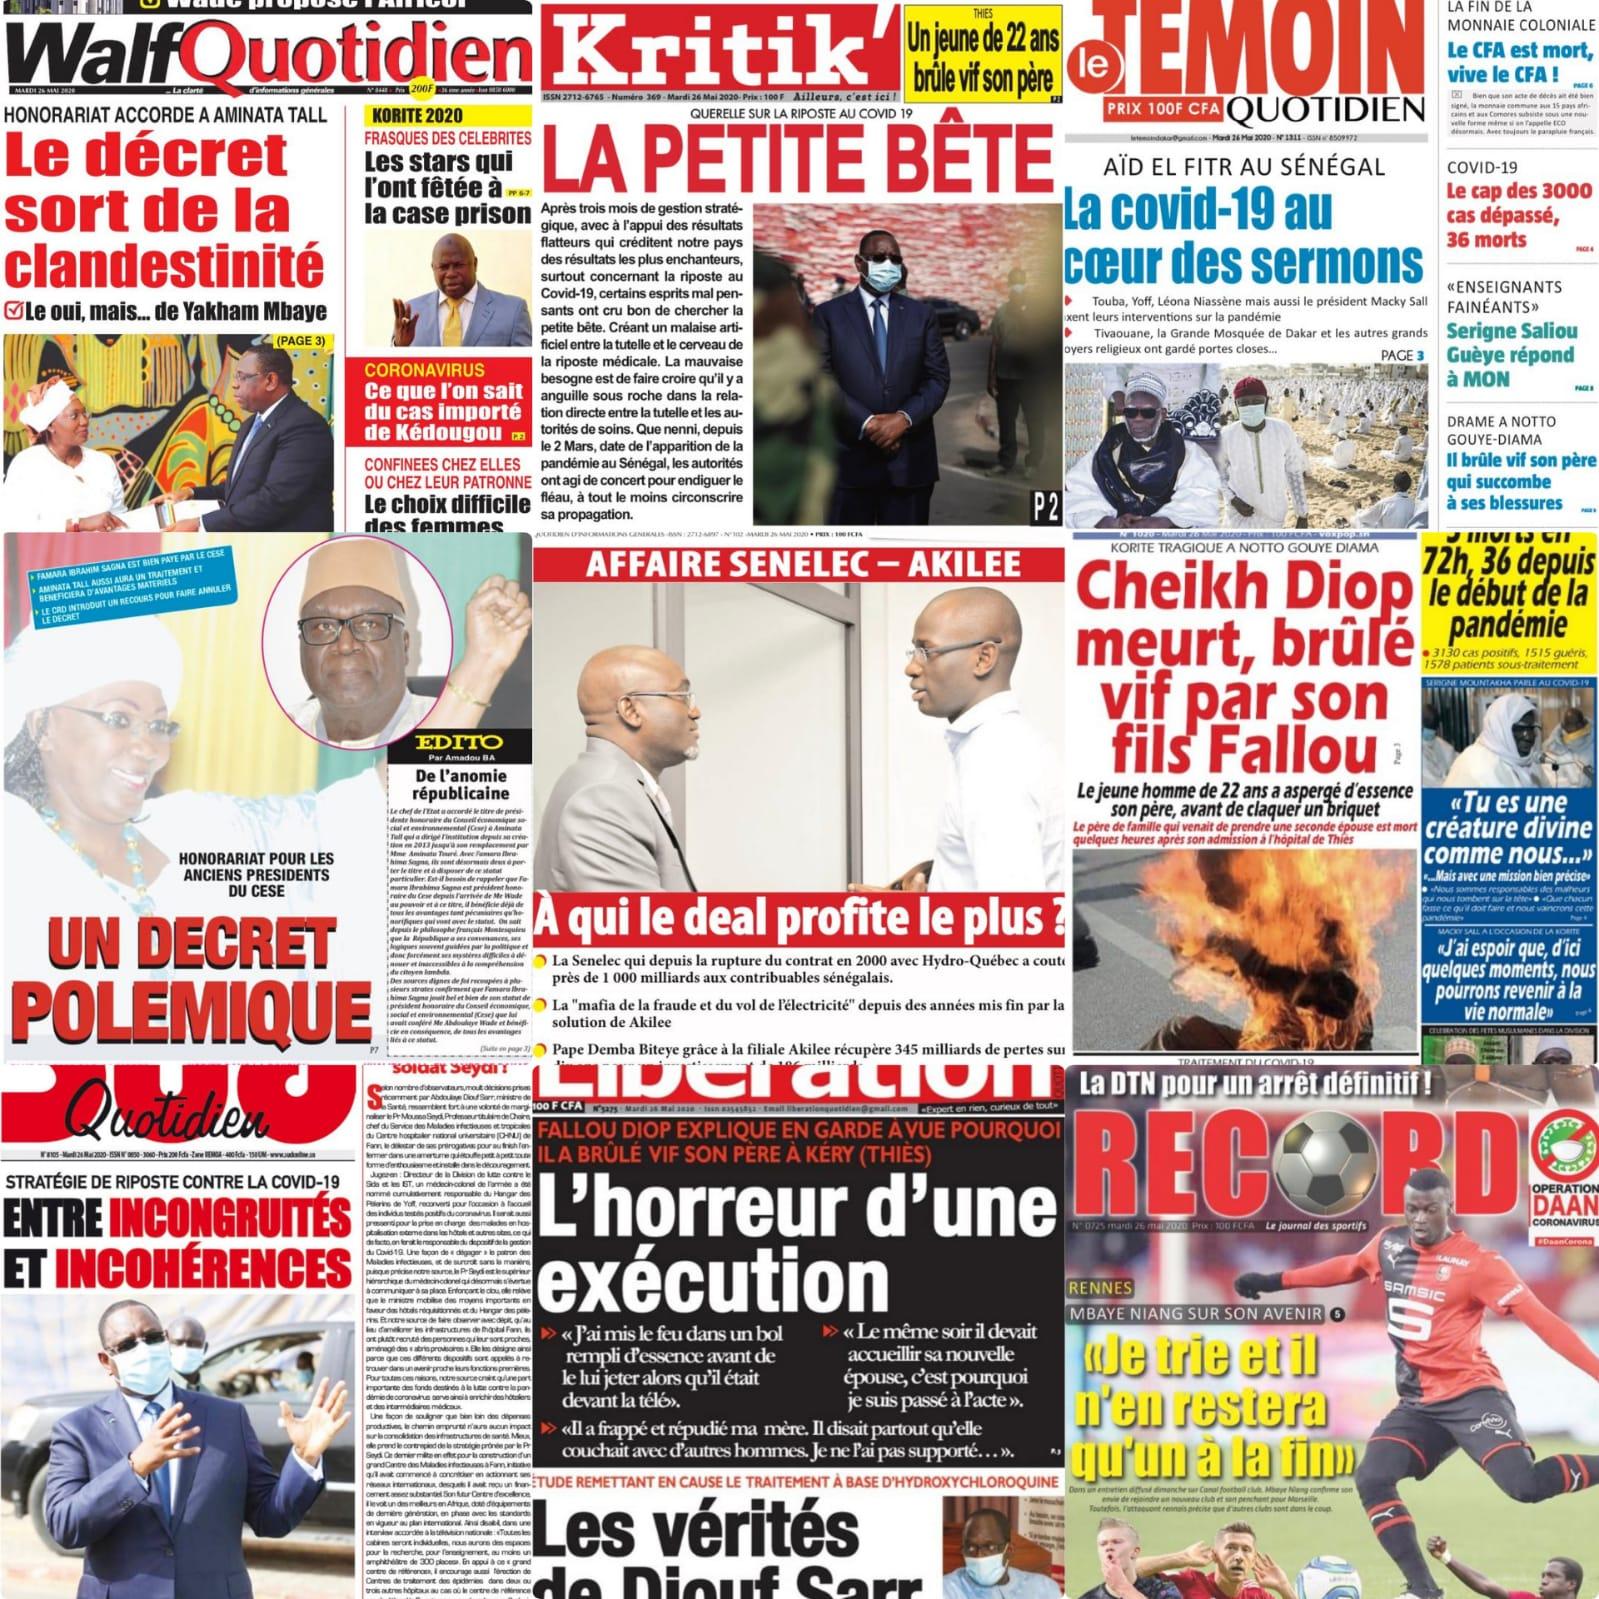 REVUE DE PRESS: La une des quotidiens du mardi 26 mai 2020